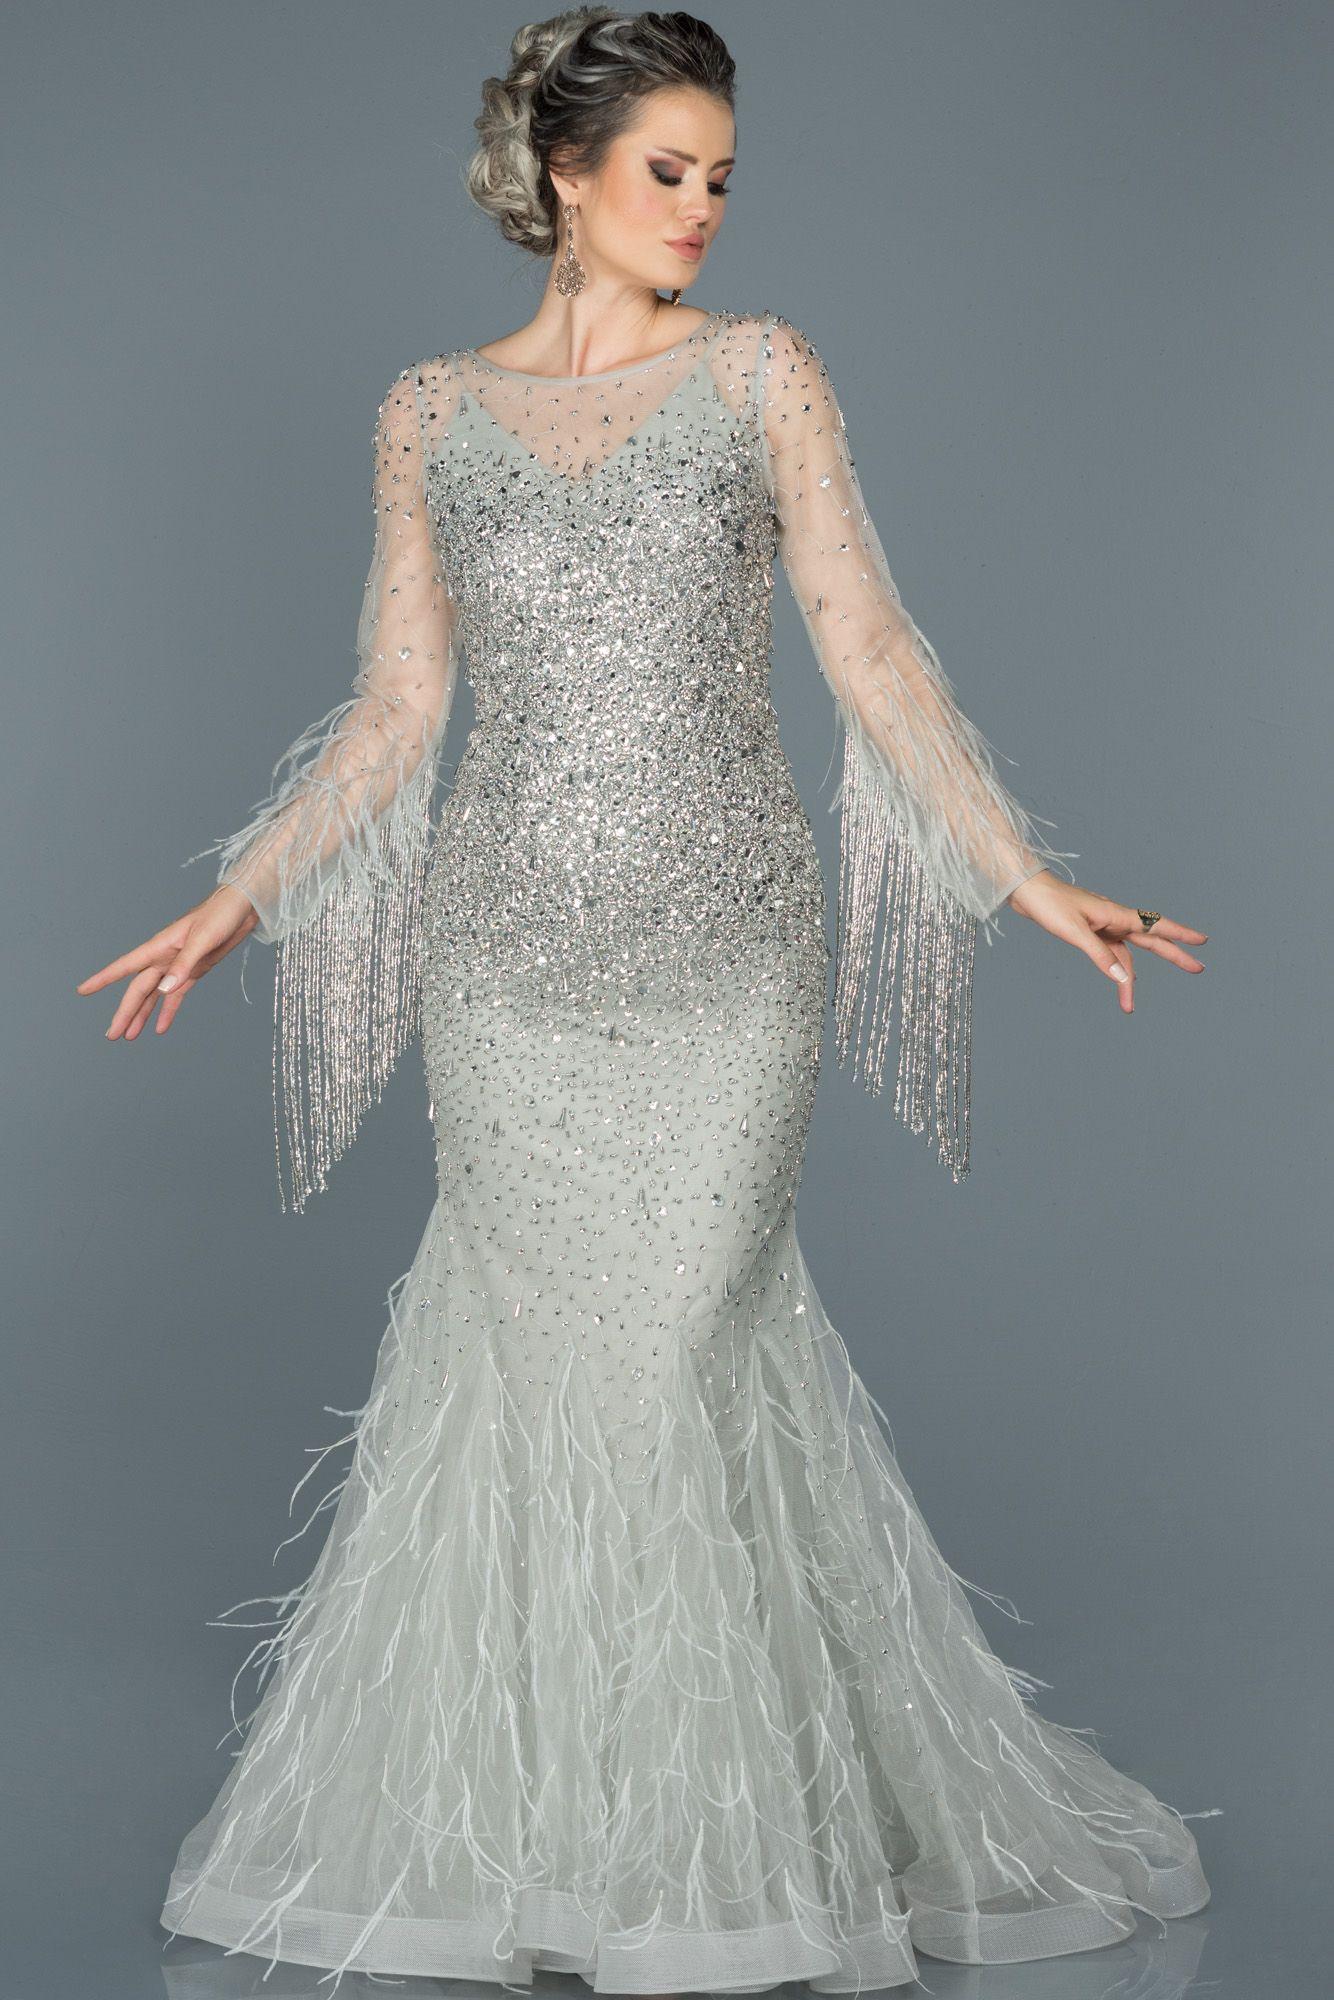 Gri Otris Ve Tas Islemeli Tasarim Abiye Abu421 Gelinlik The Dress Elbise Modelleri